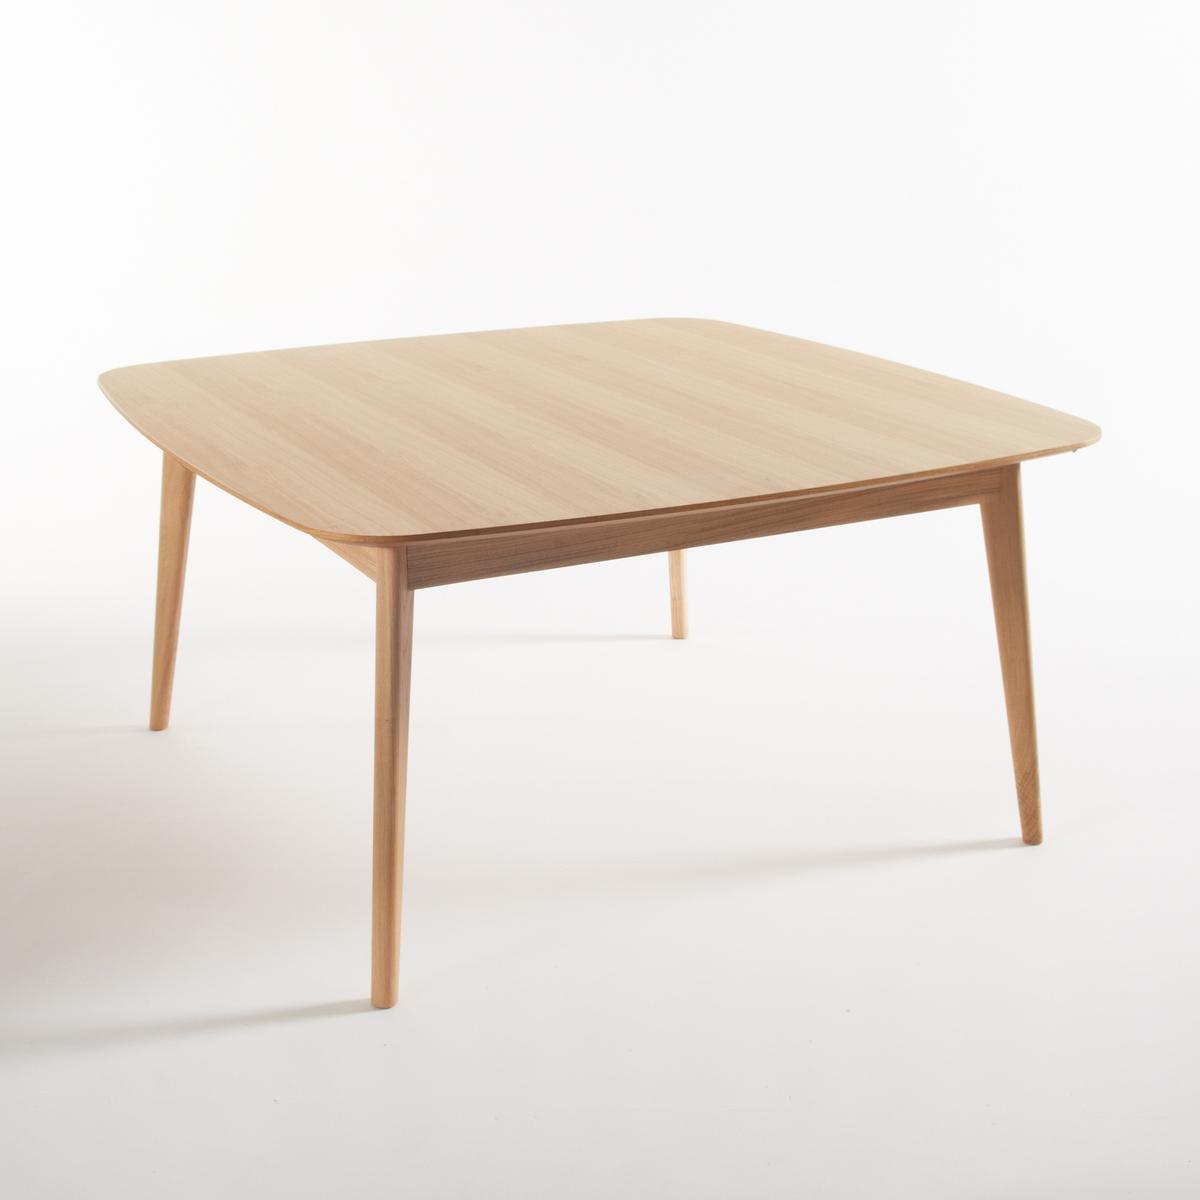 Стол La Redoute Дубовый квадратный на персон Biface 8 персоны бежевый стол la redoute с инкрустацией на персон mosaque 6 персоны бежевый